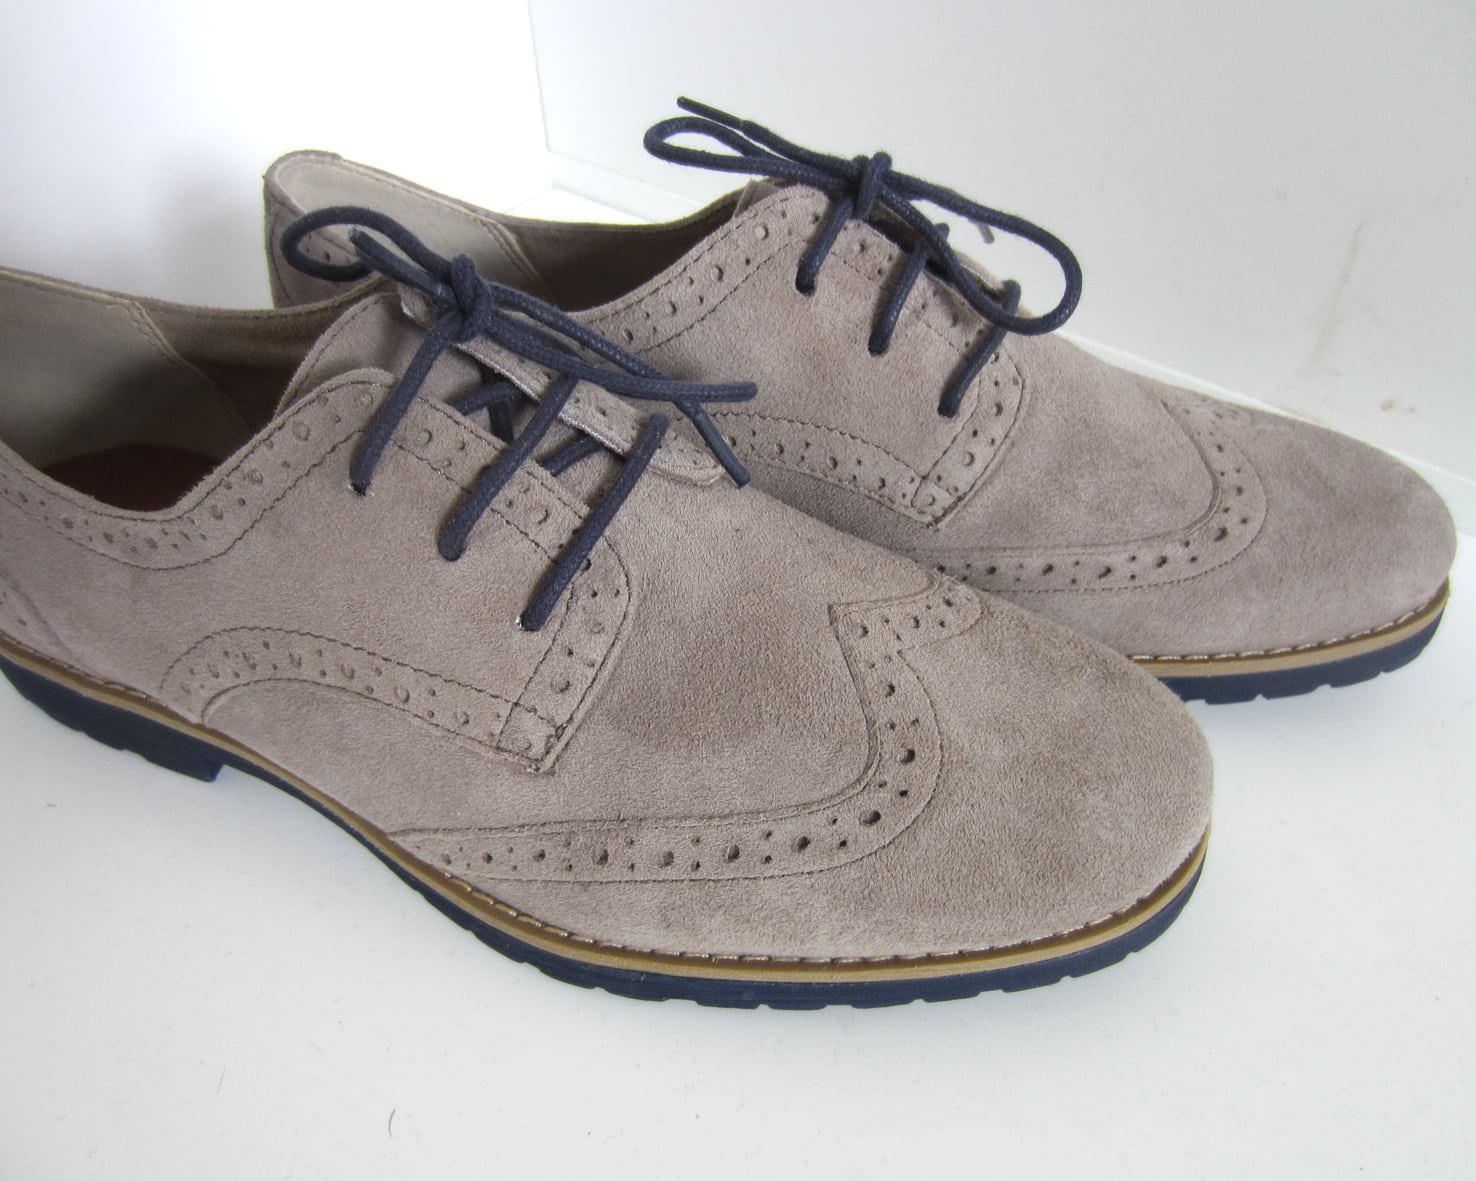 Schuhe tamaris 2014